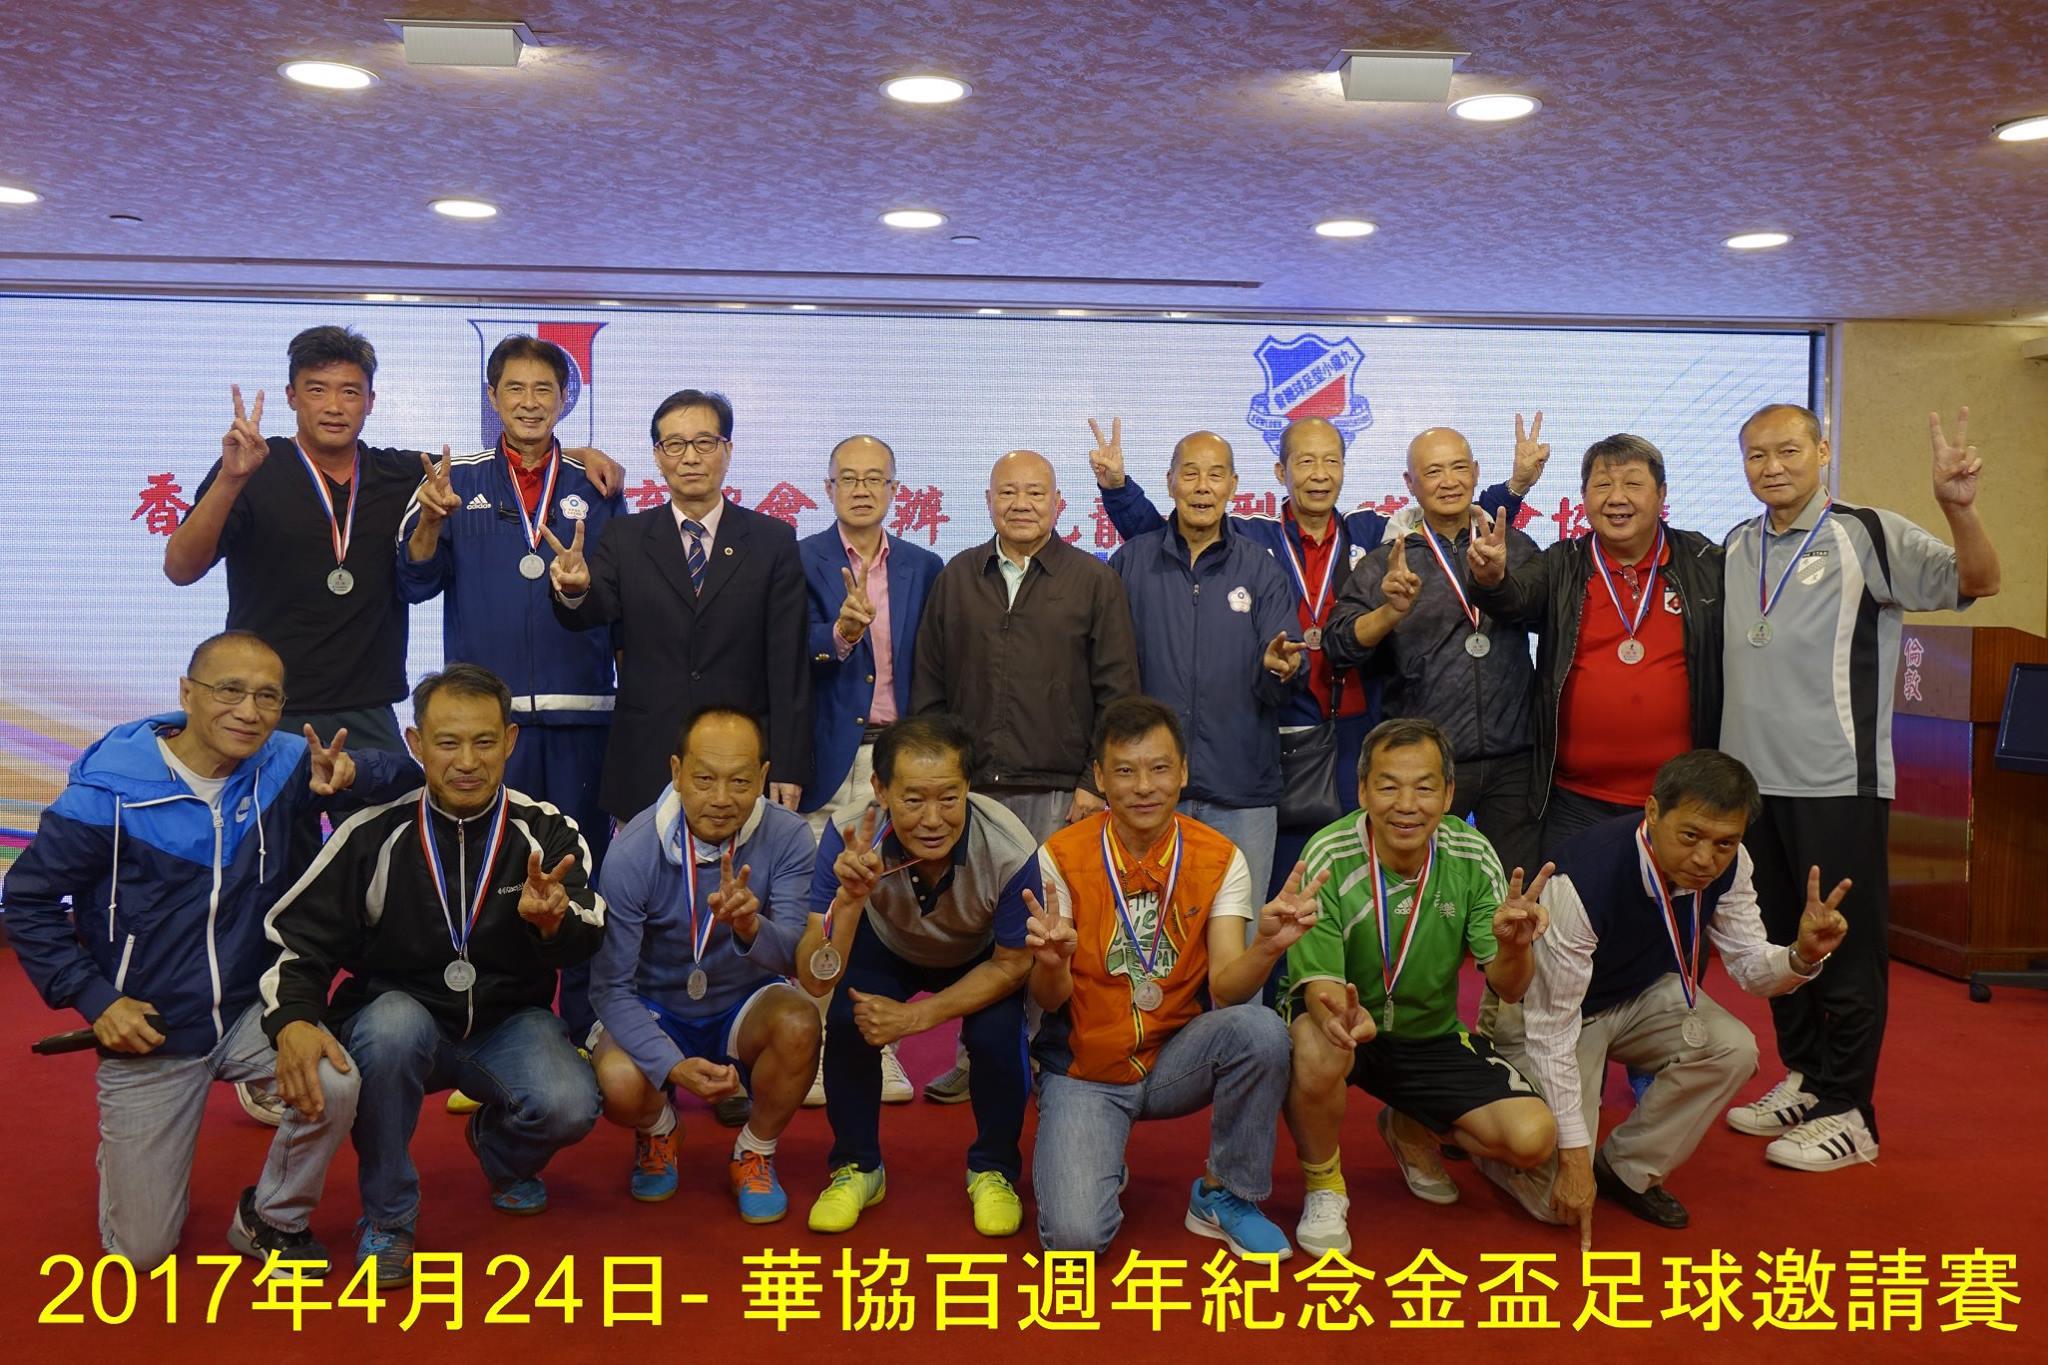 華協百週年紀念足球金盃